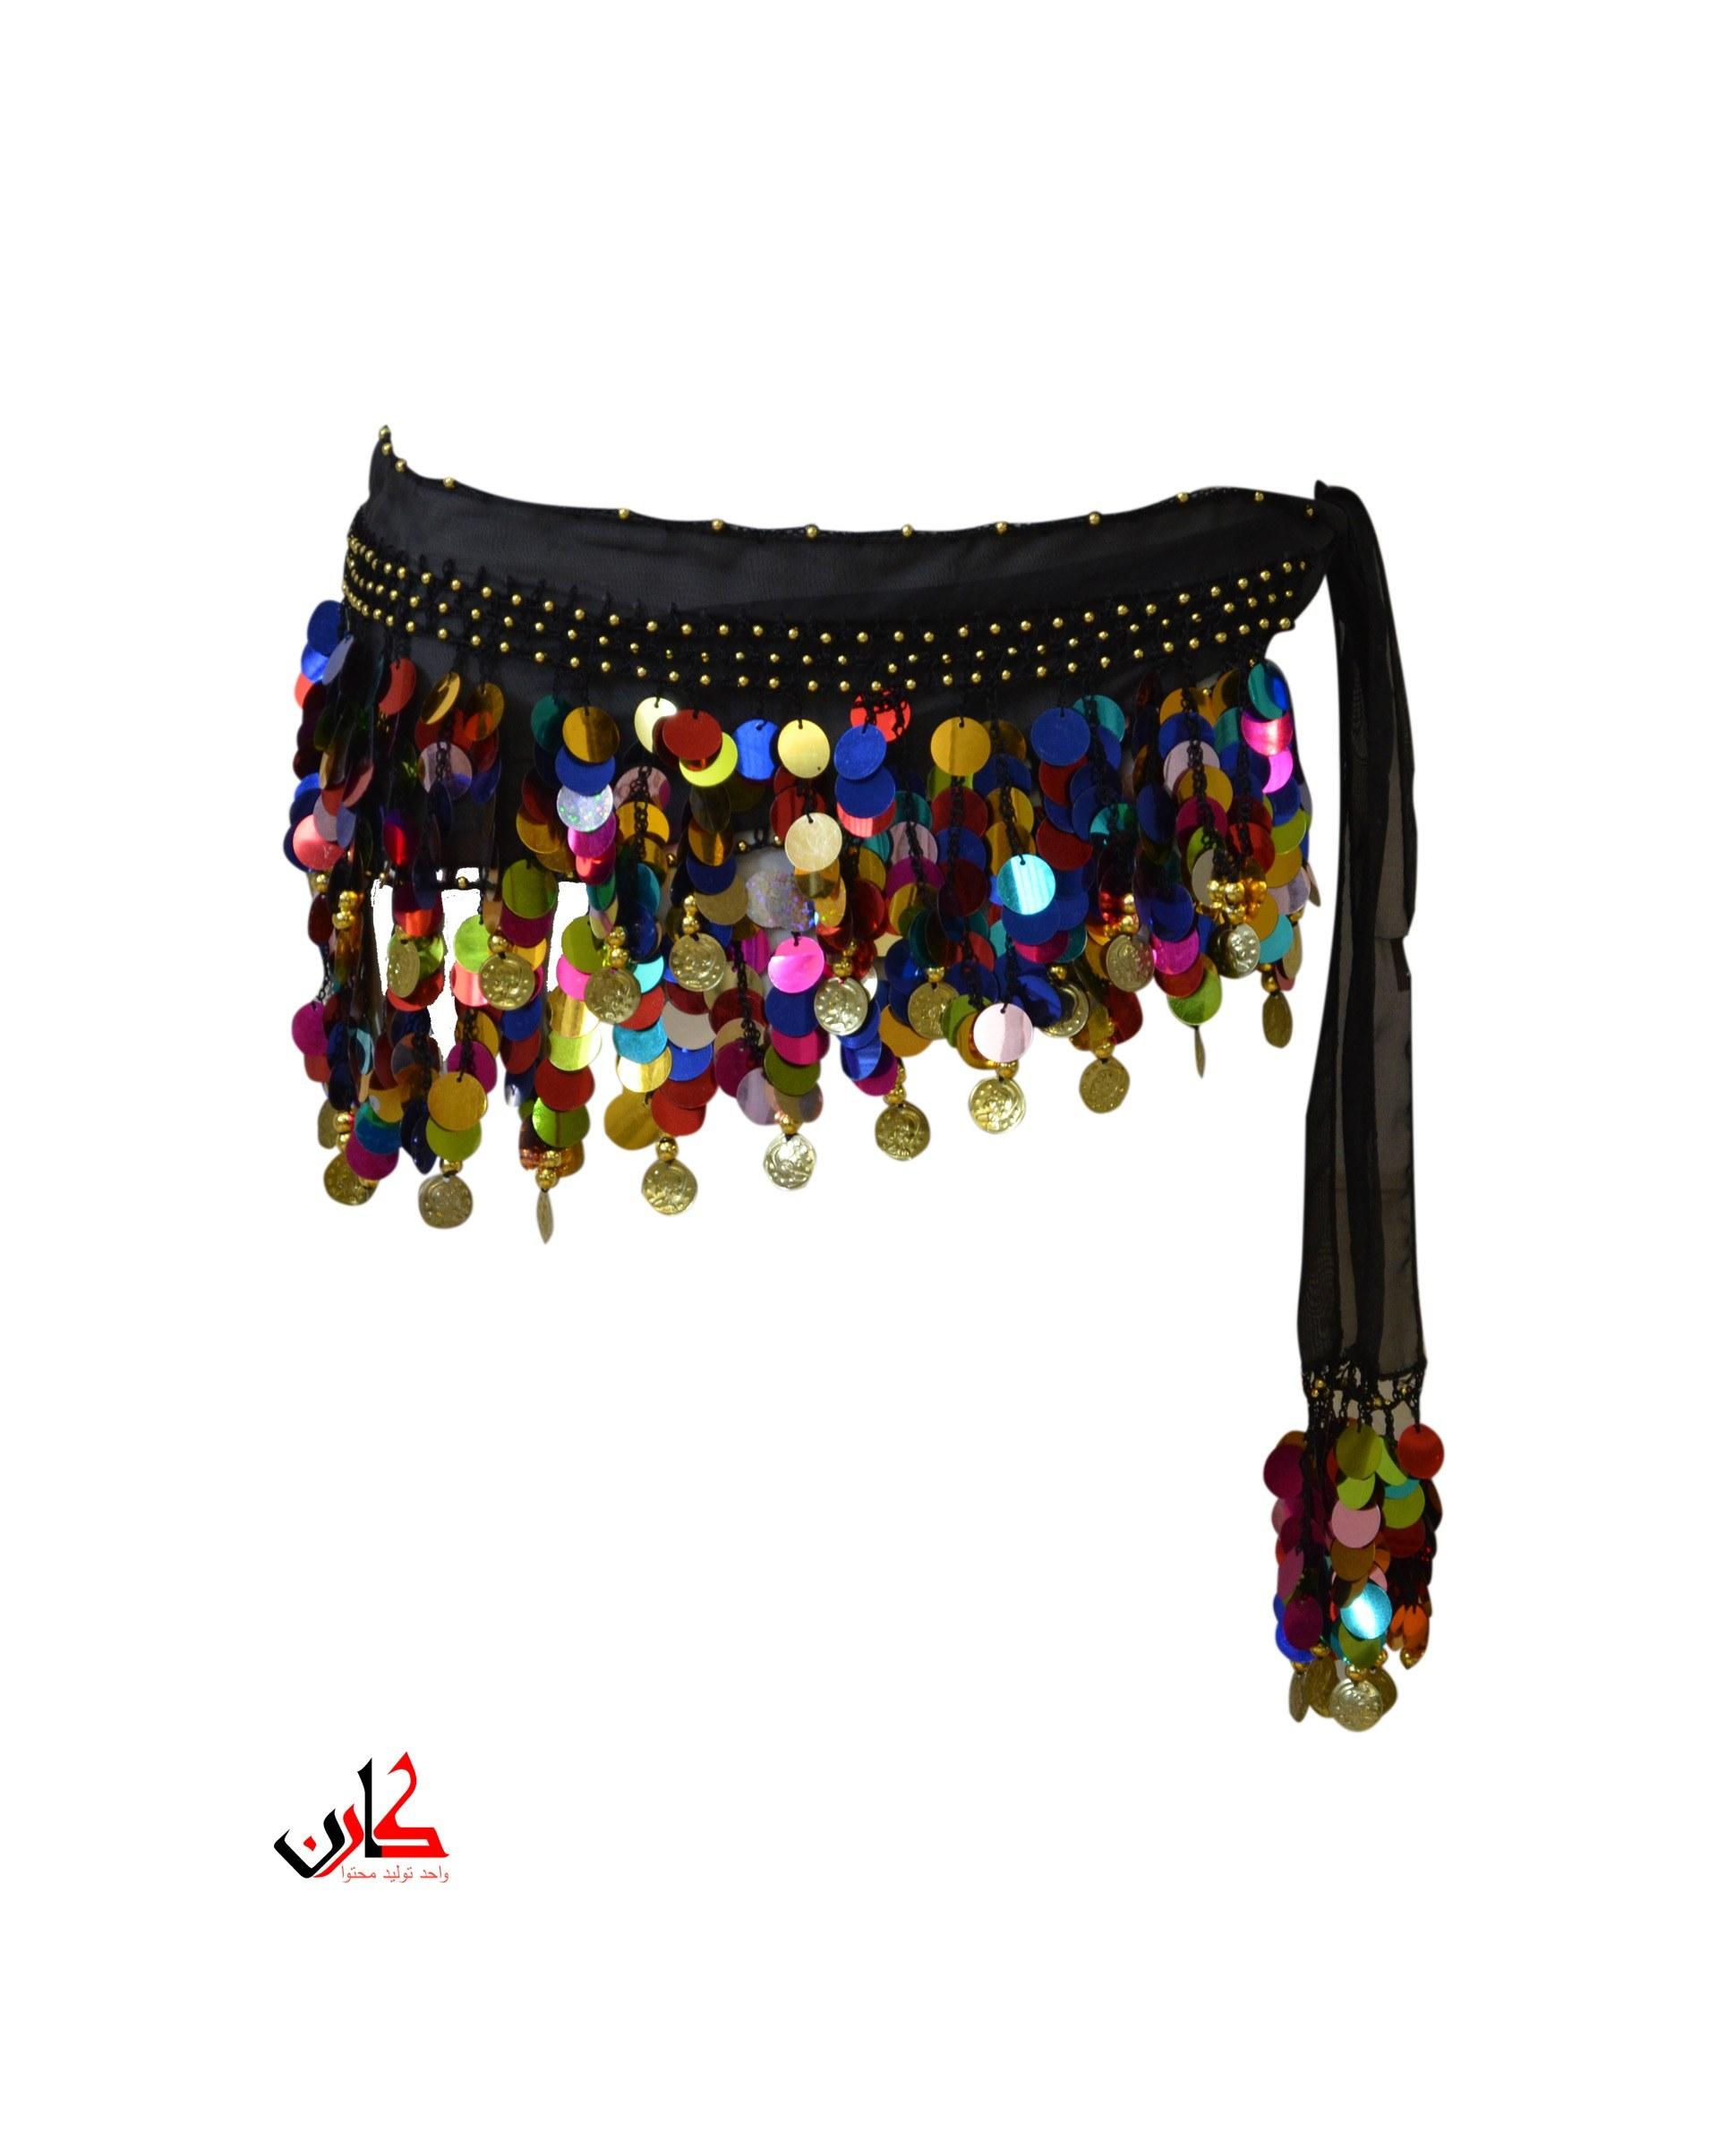 تصویر دامن رقص عربی سکه ای